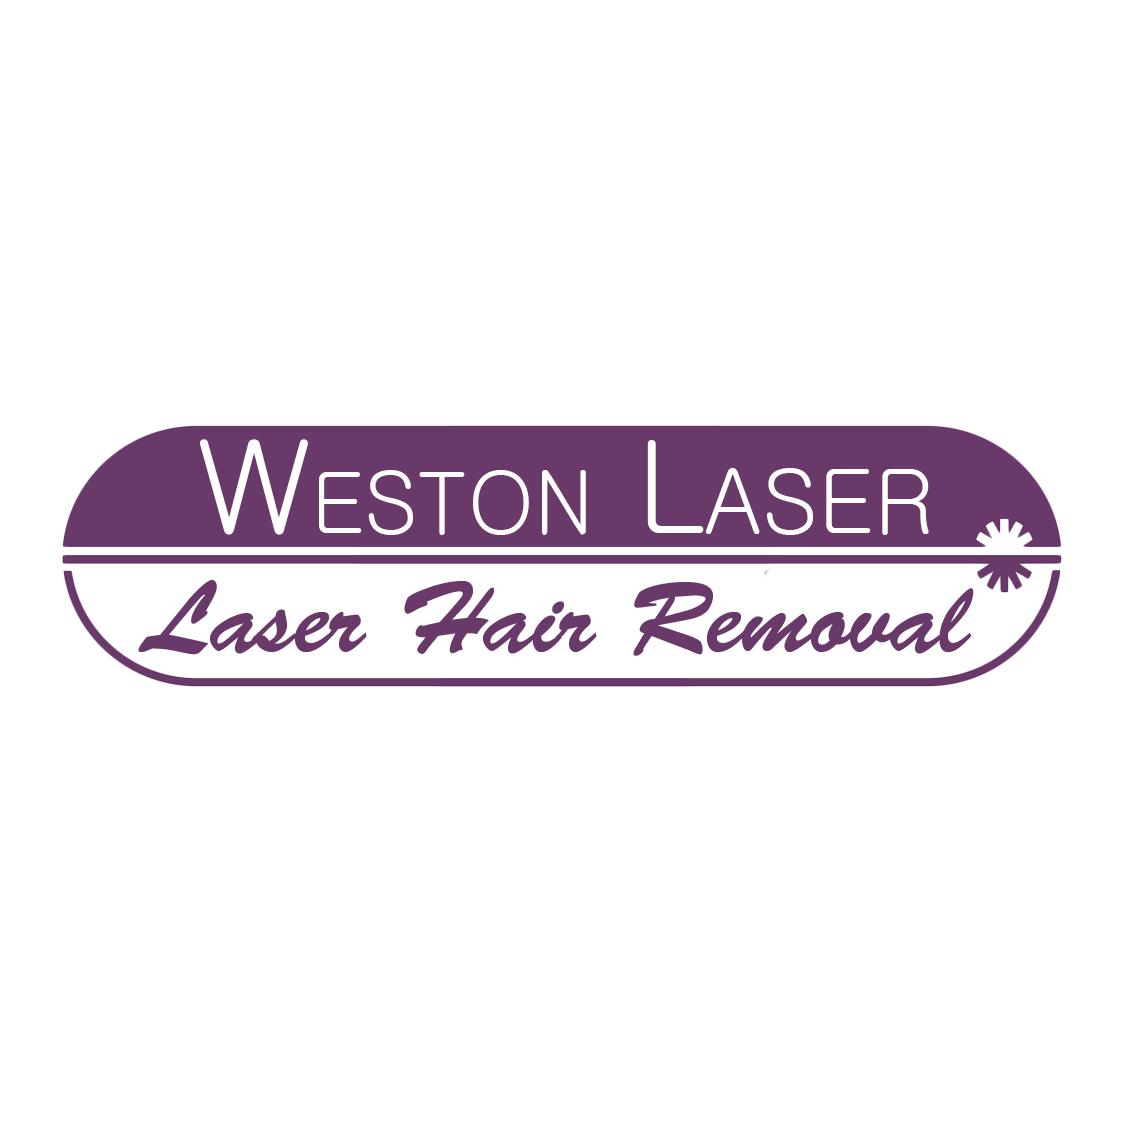 Weston Laser